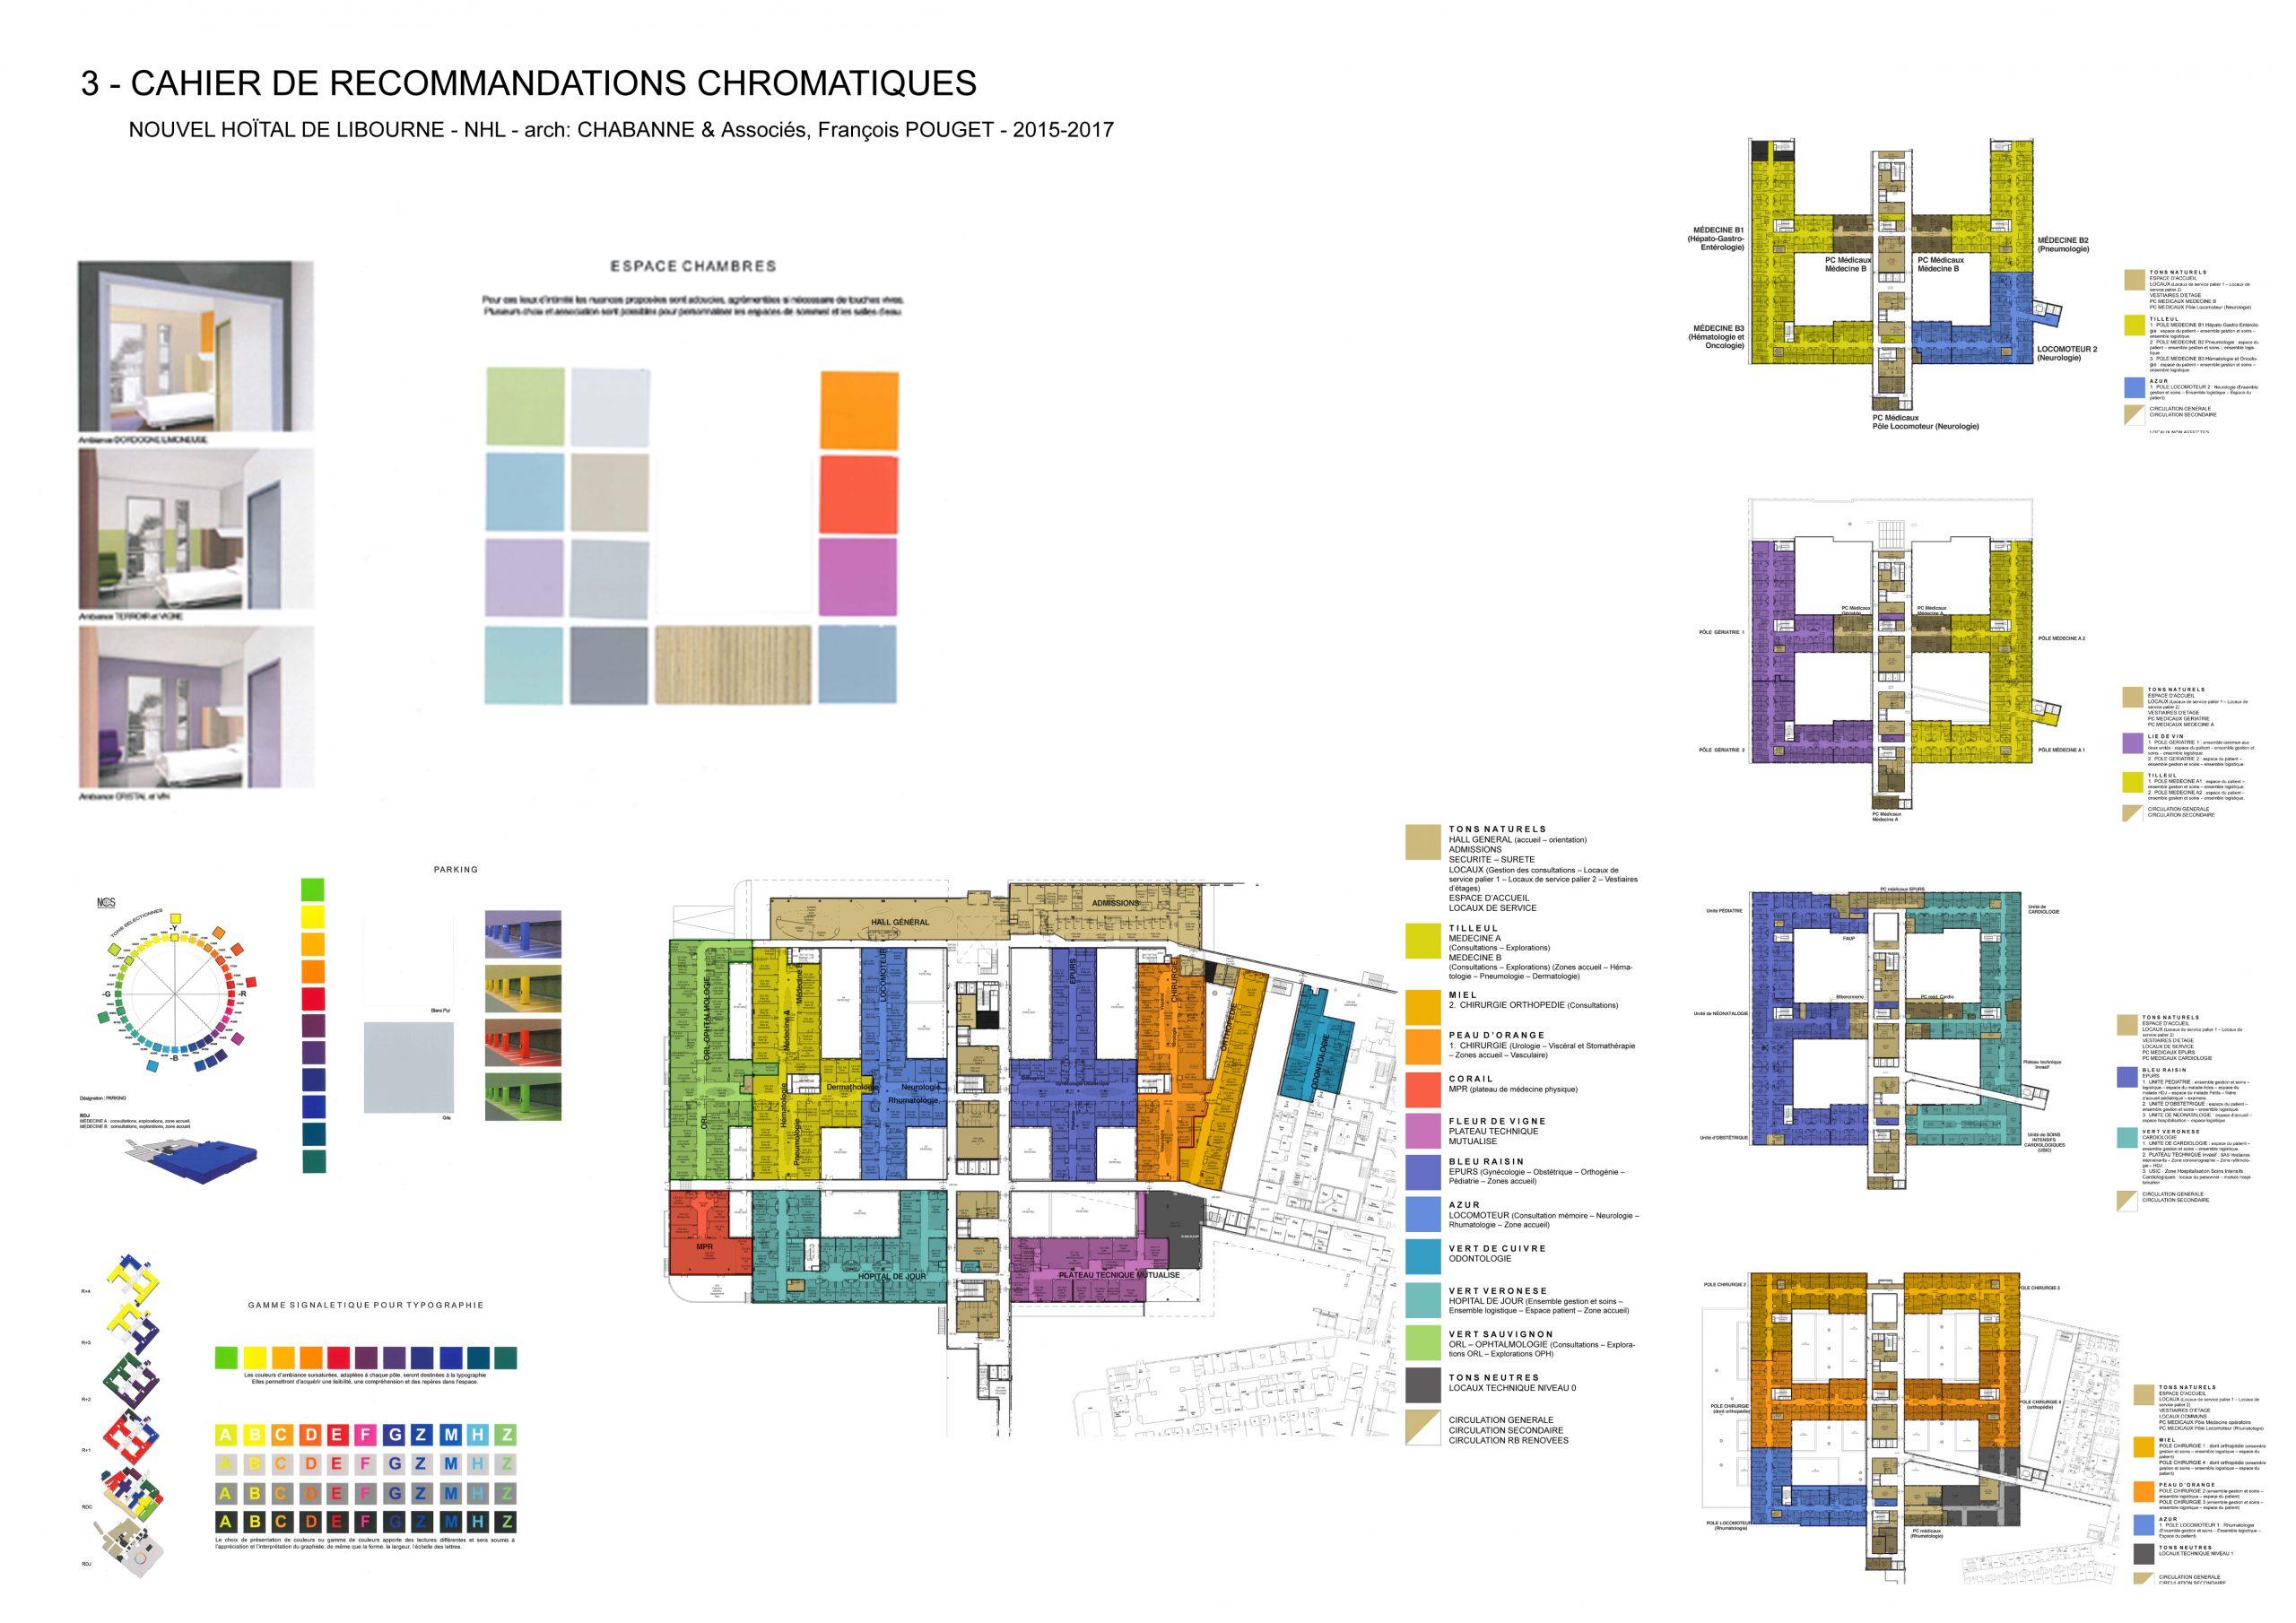 NHL Libourne -Cahier de recommandations chromatiques-arch Chabanne&Associé,Fr.Pouget